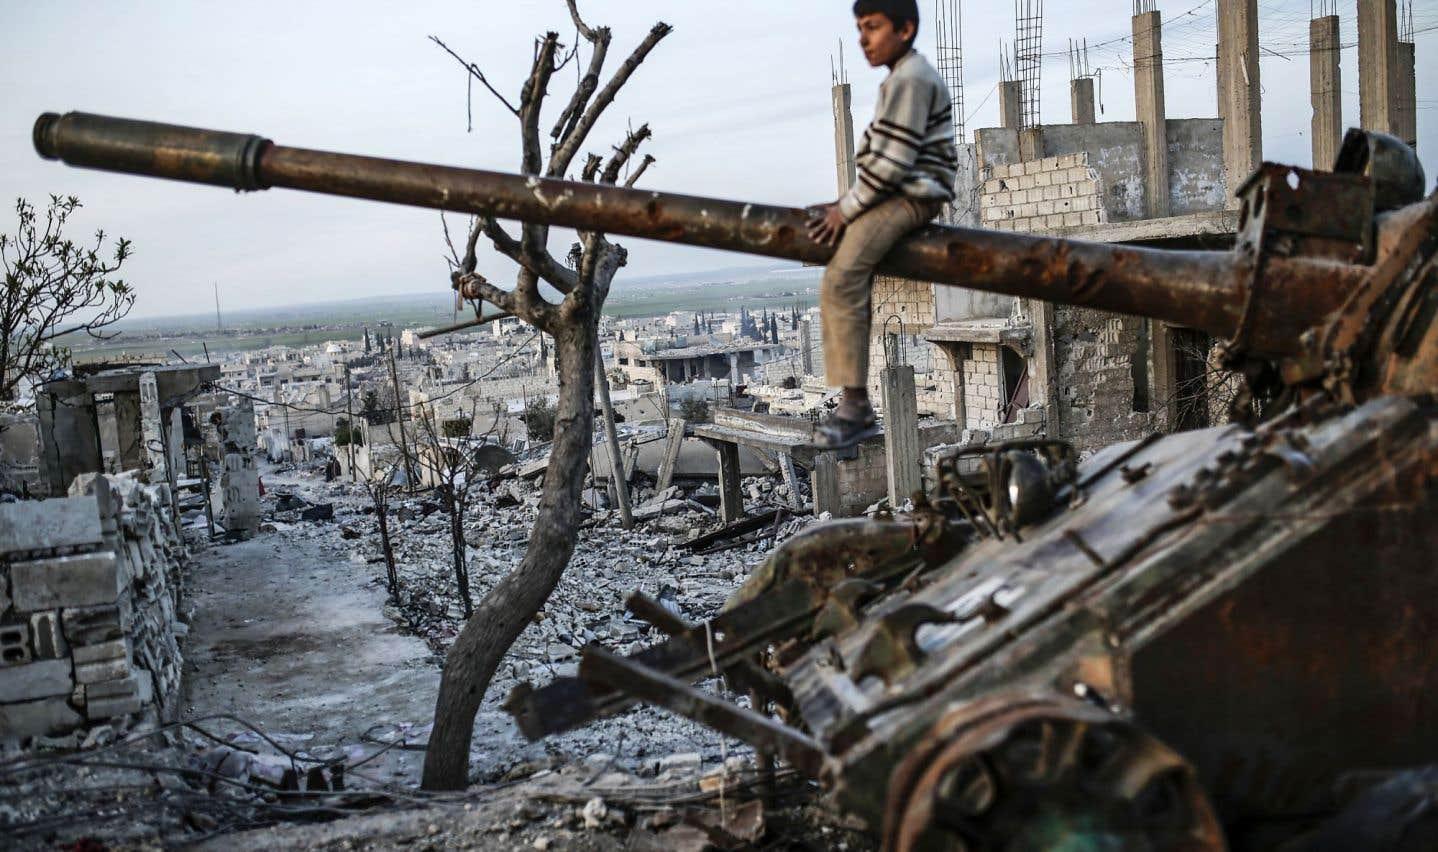 Le conflit syrien sous la loupe de Thucydide